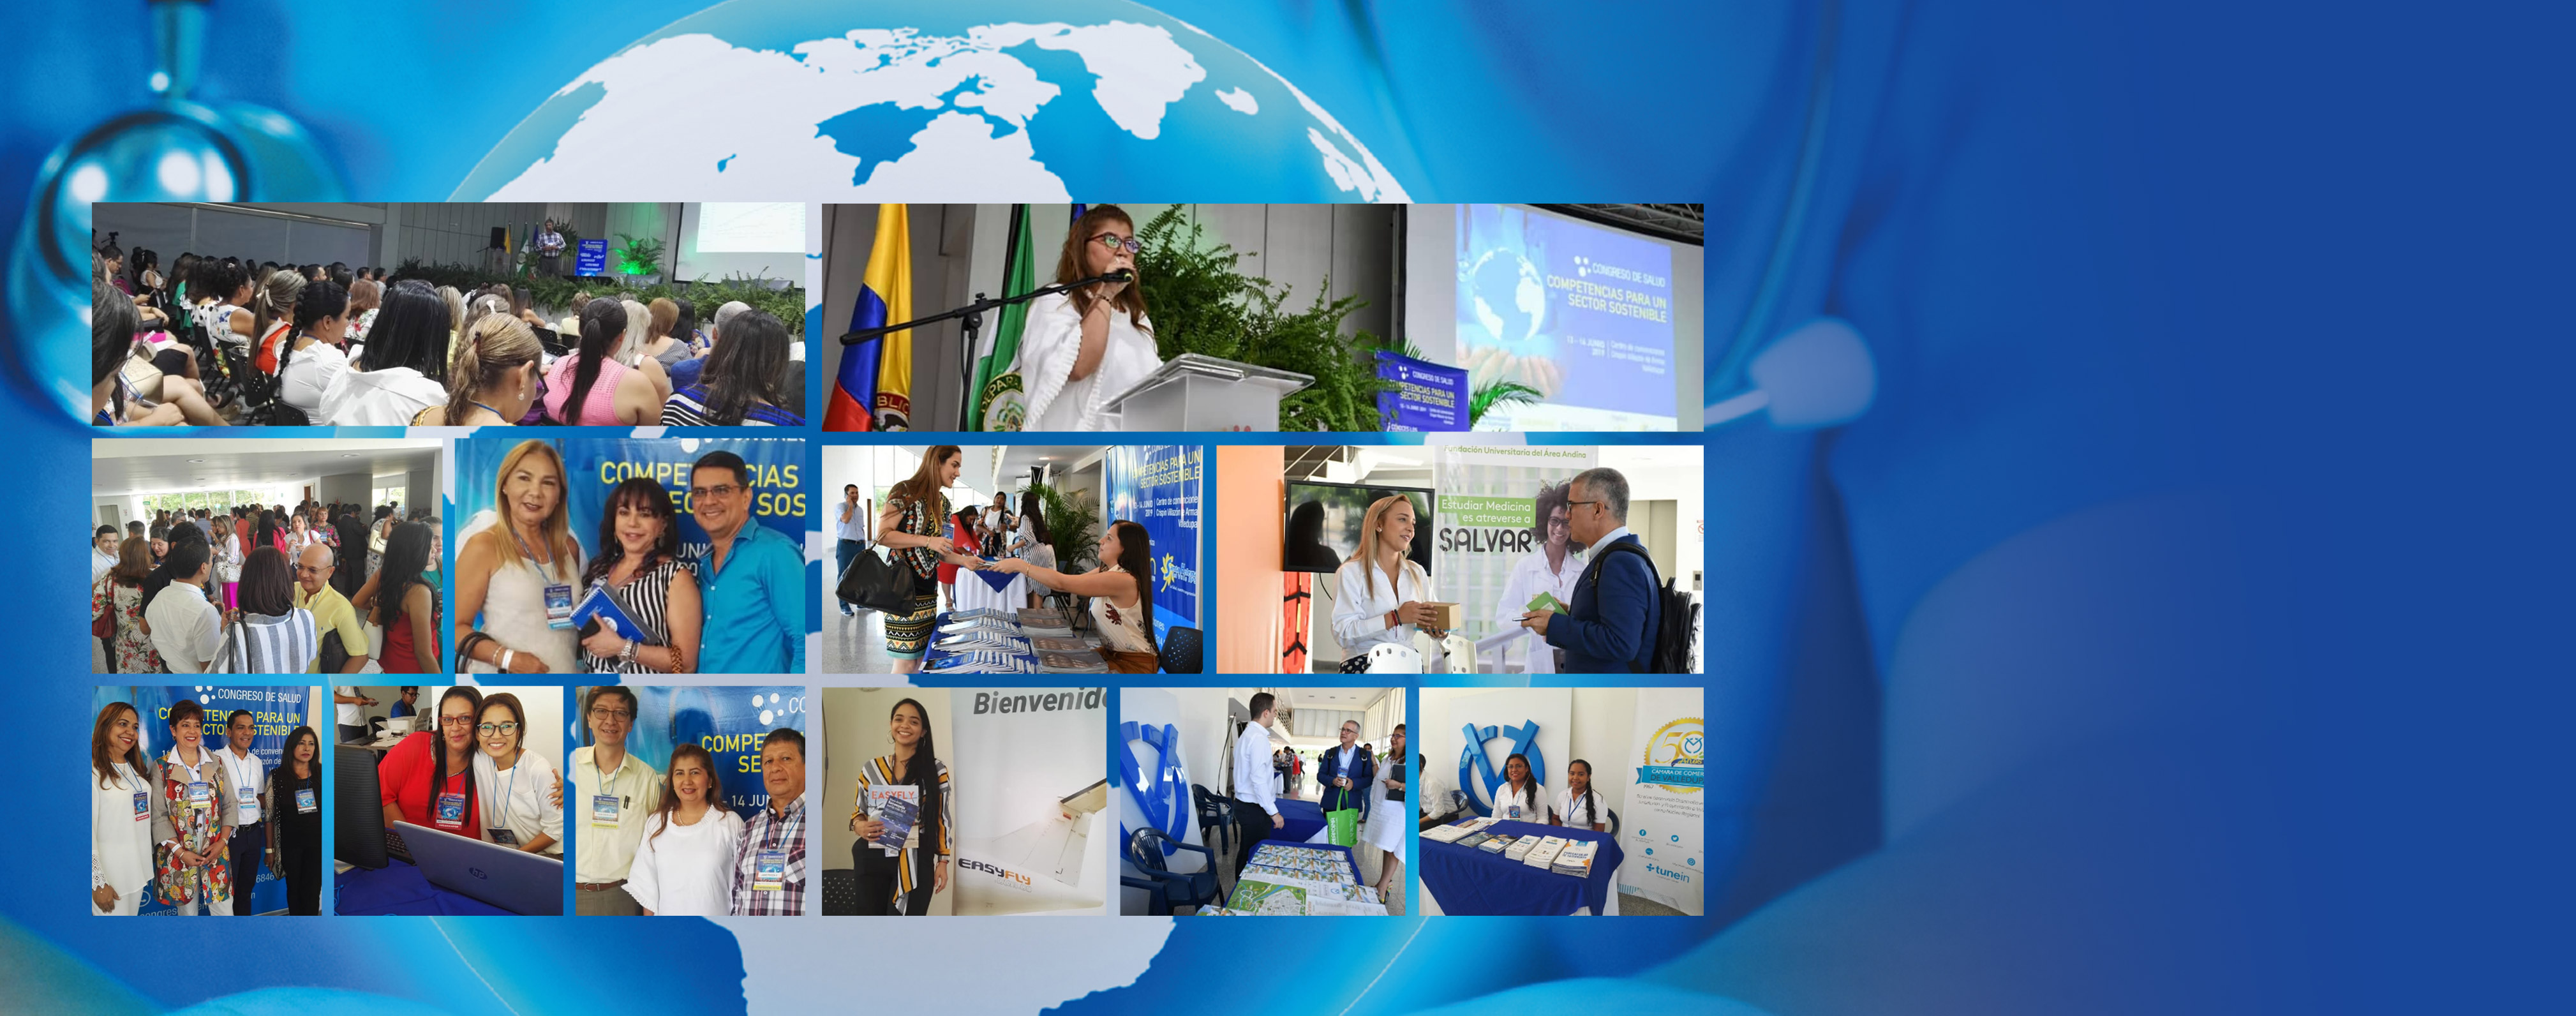 Congreso de Salud Valledupar